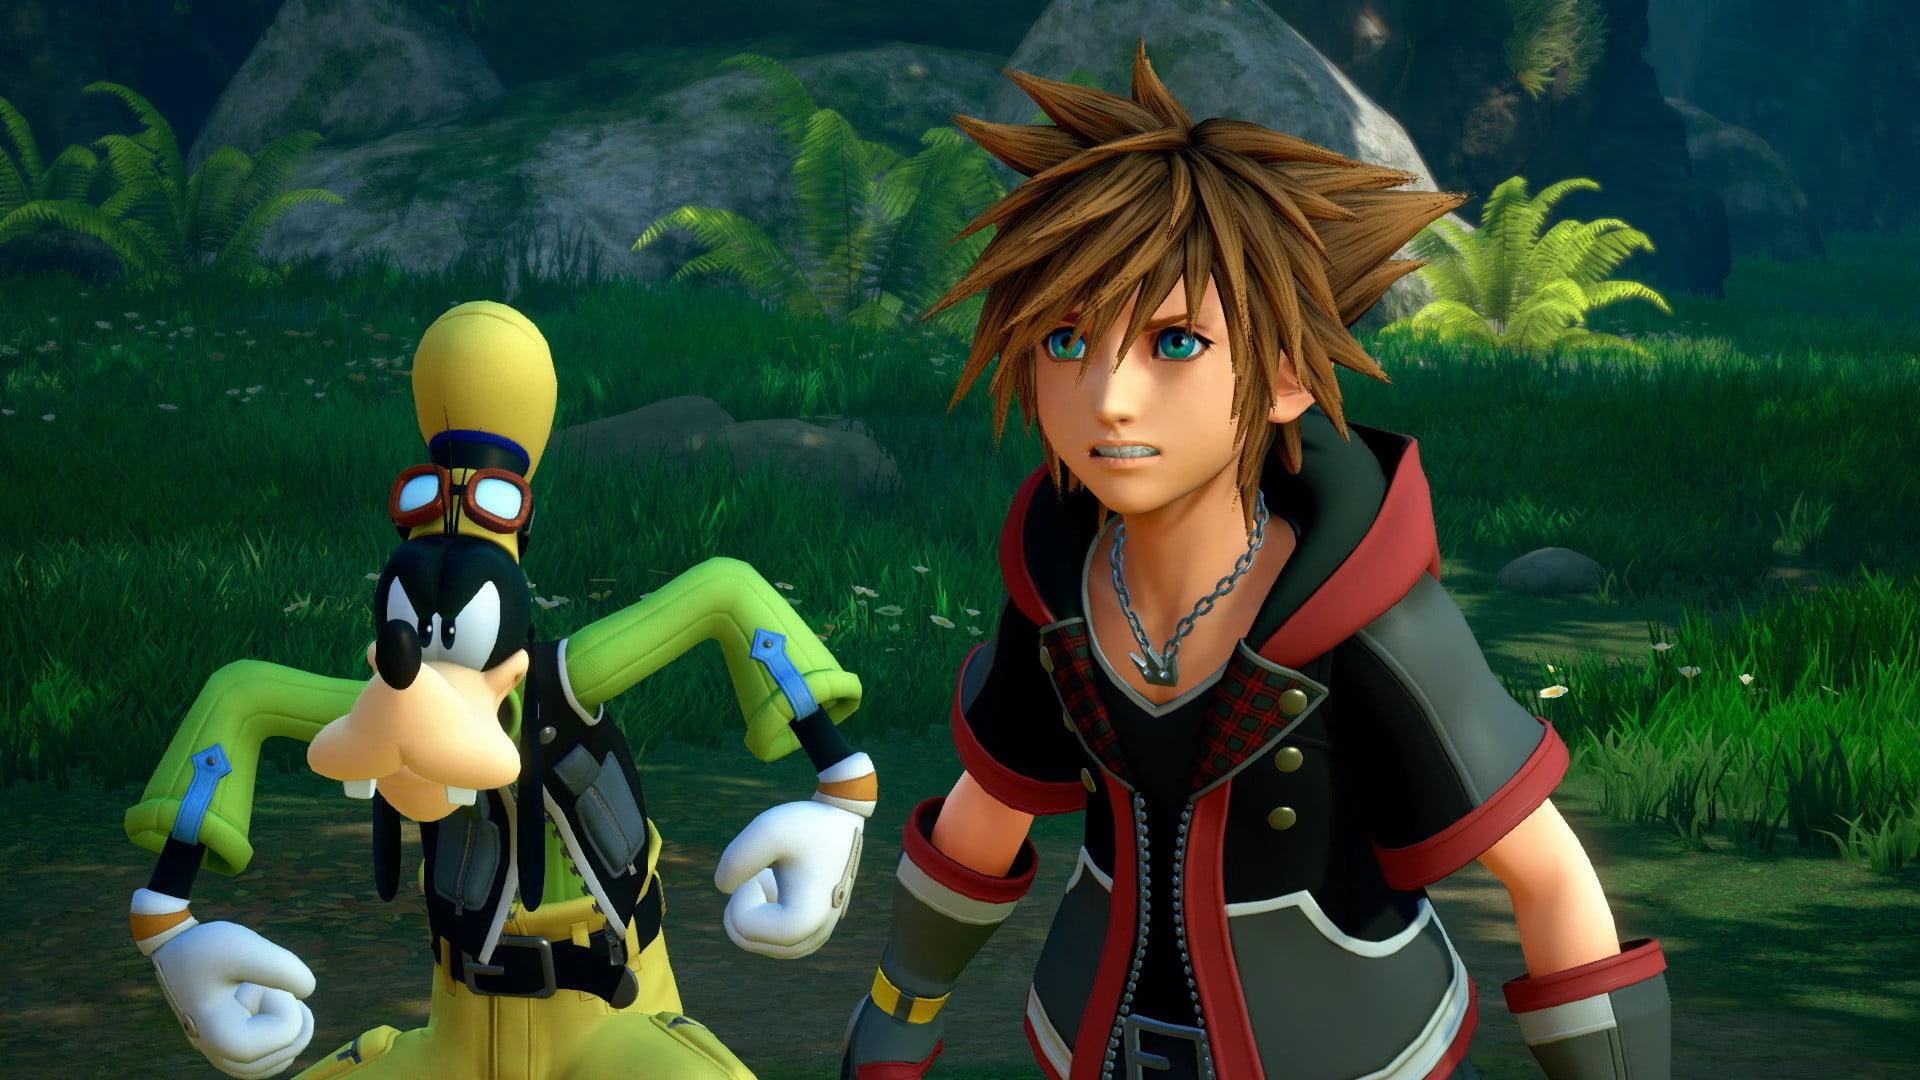 Kingdom Hearts 3 Hd Wallpaper 67184 1920x1080px